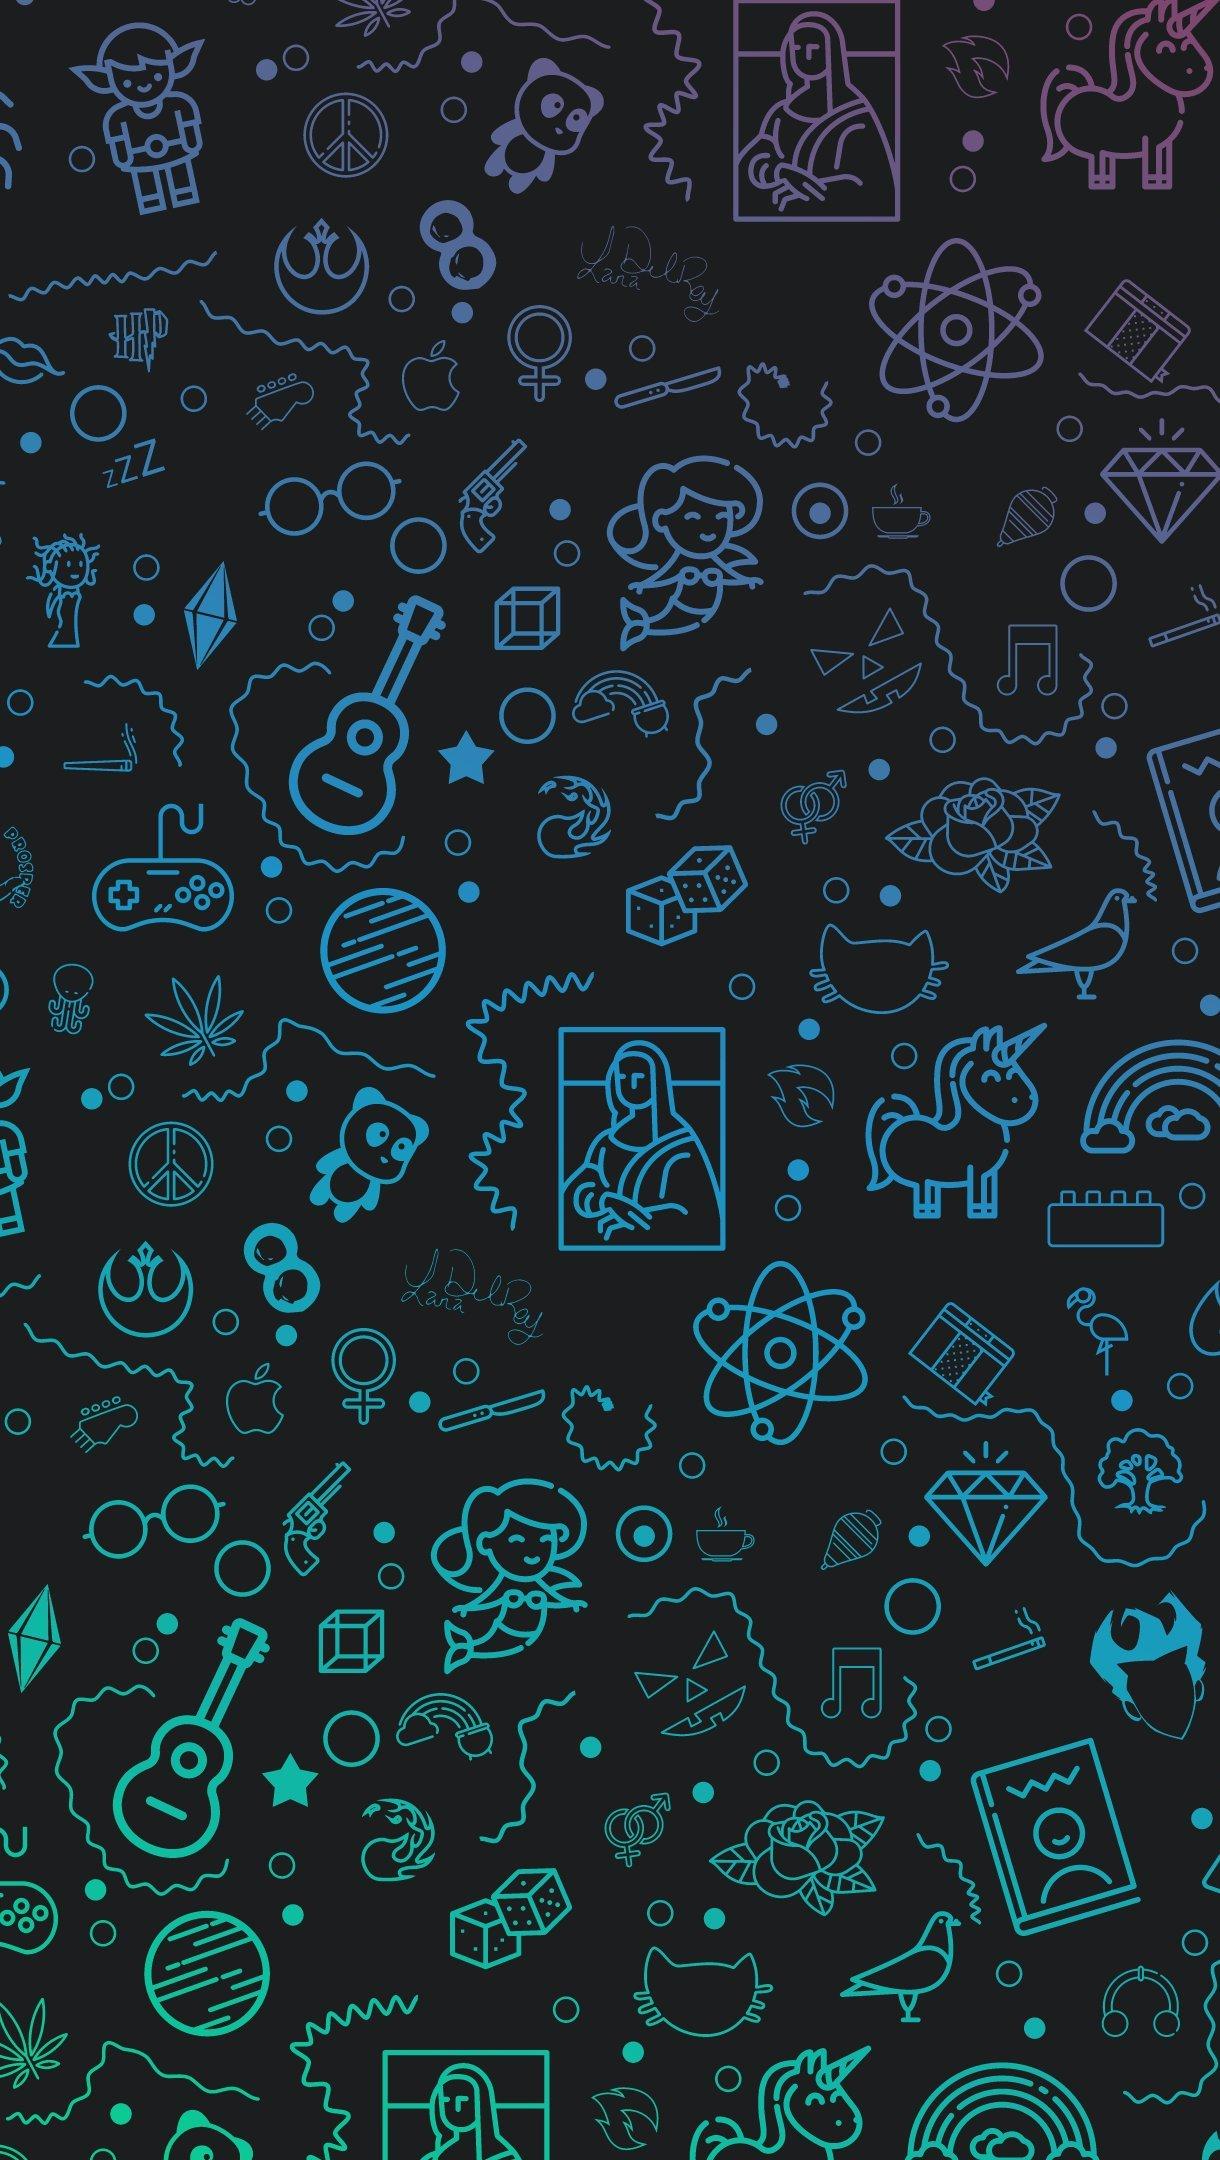 Fondos de pantalla Patrones con ilustraciones neon Vertical